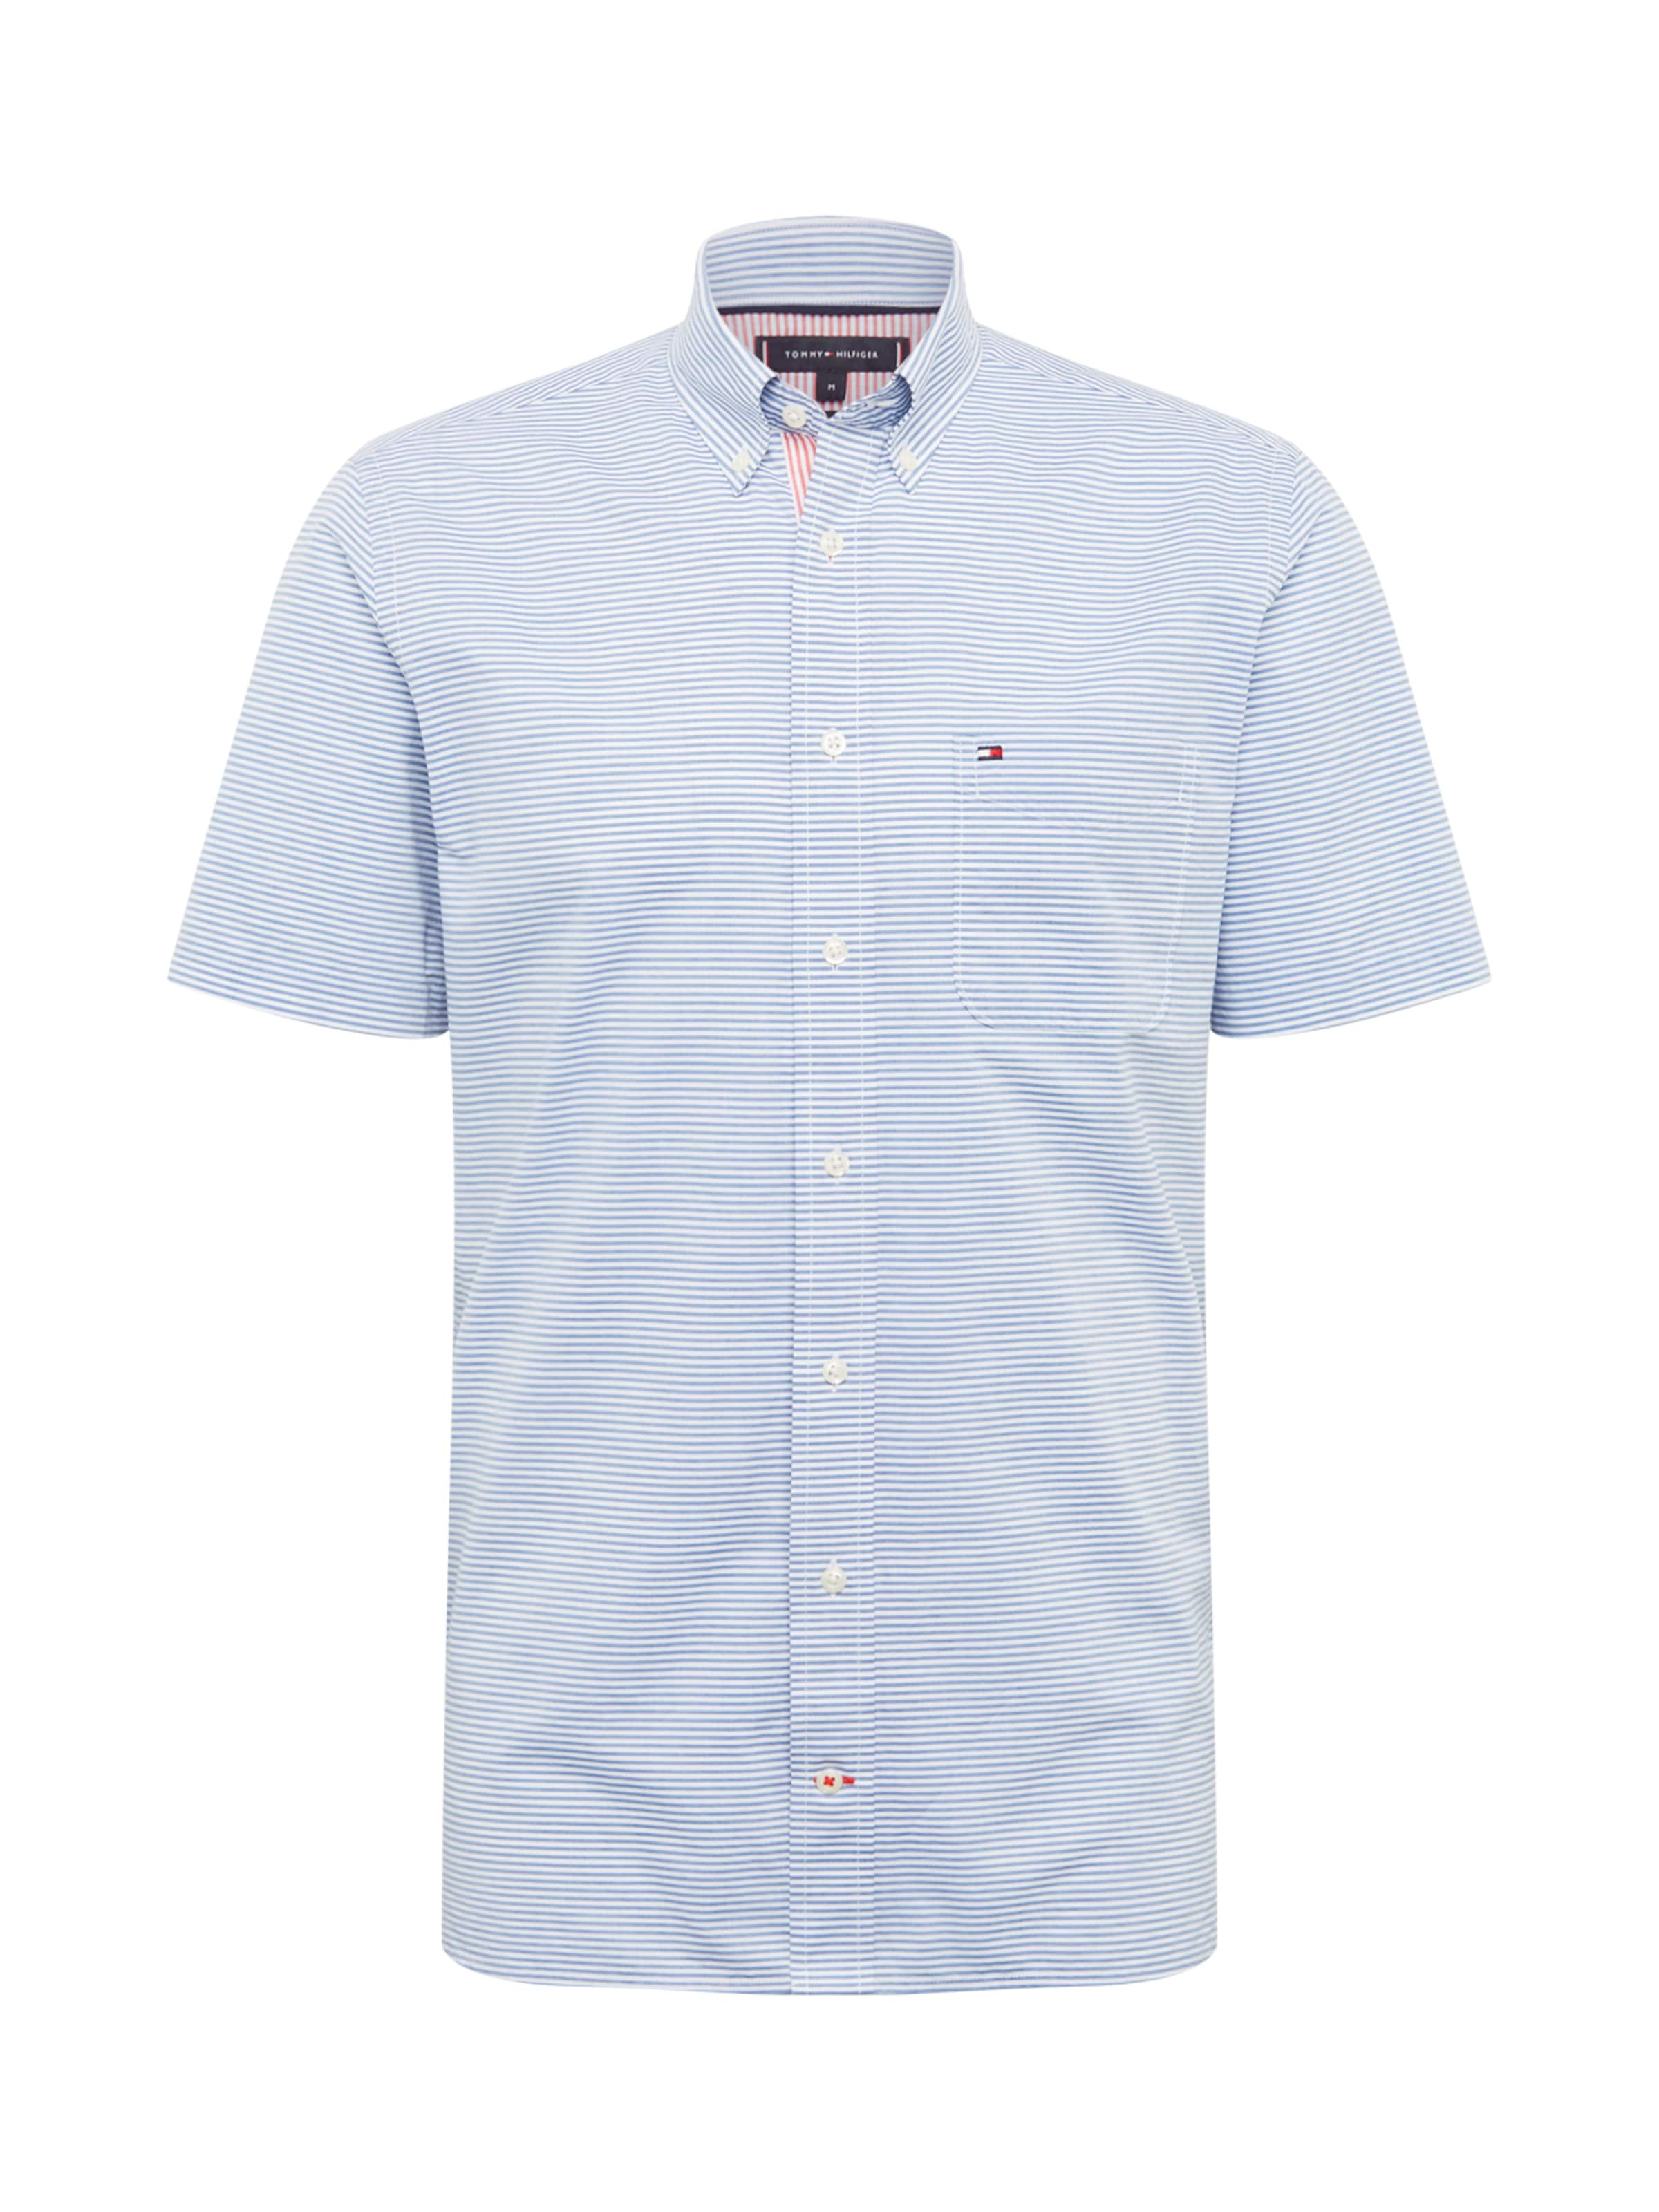 Herren Tommy Hilfiger Hemd blau,  weiß, grau, schwarz | 08719858441430